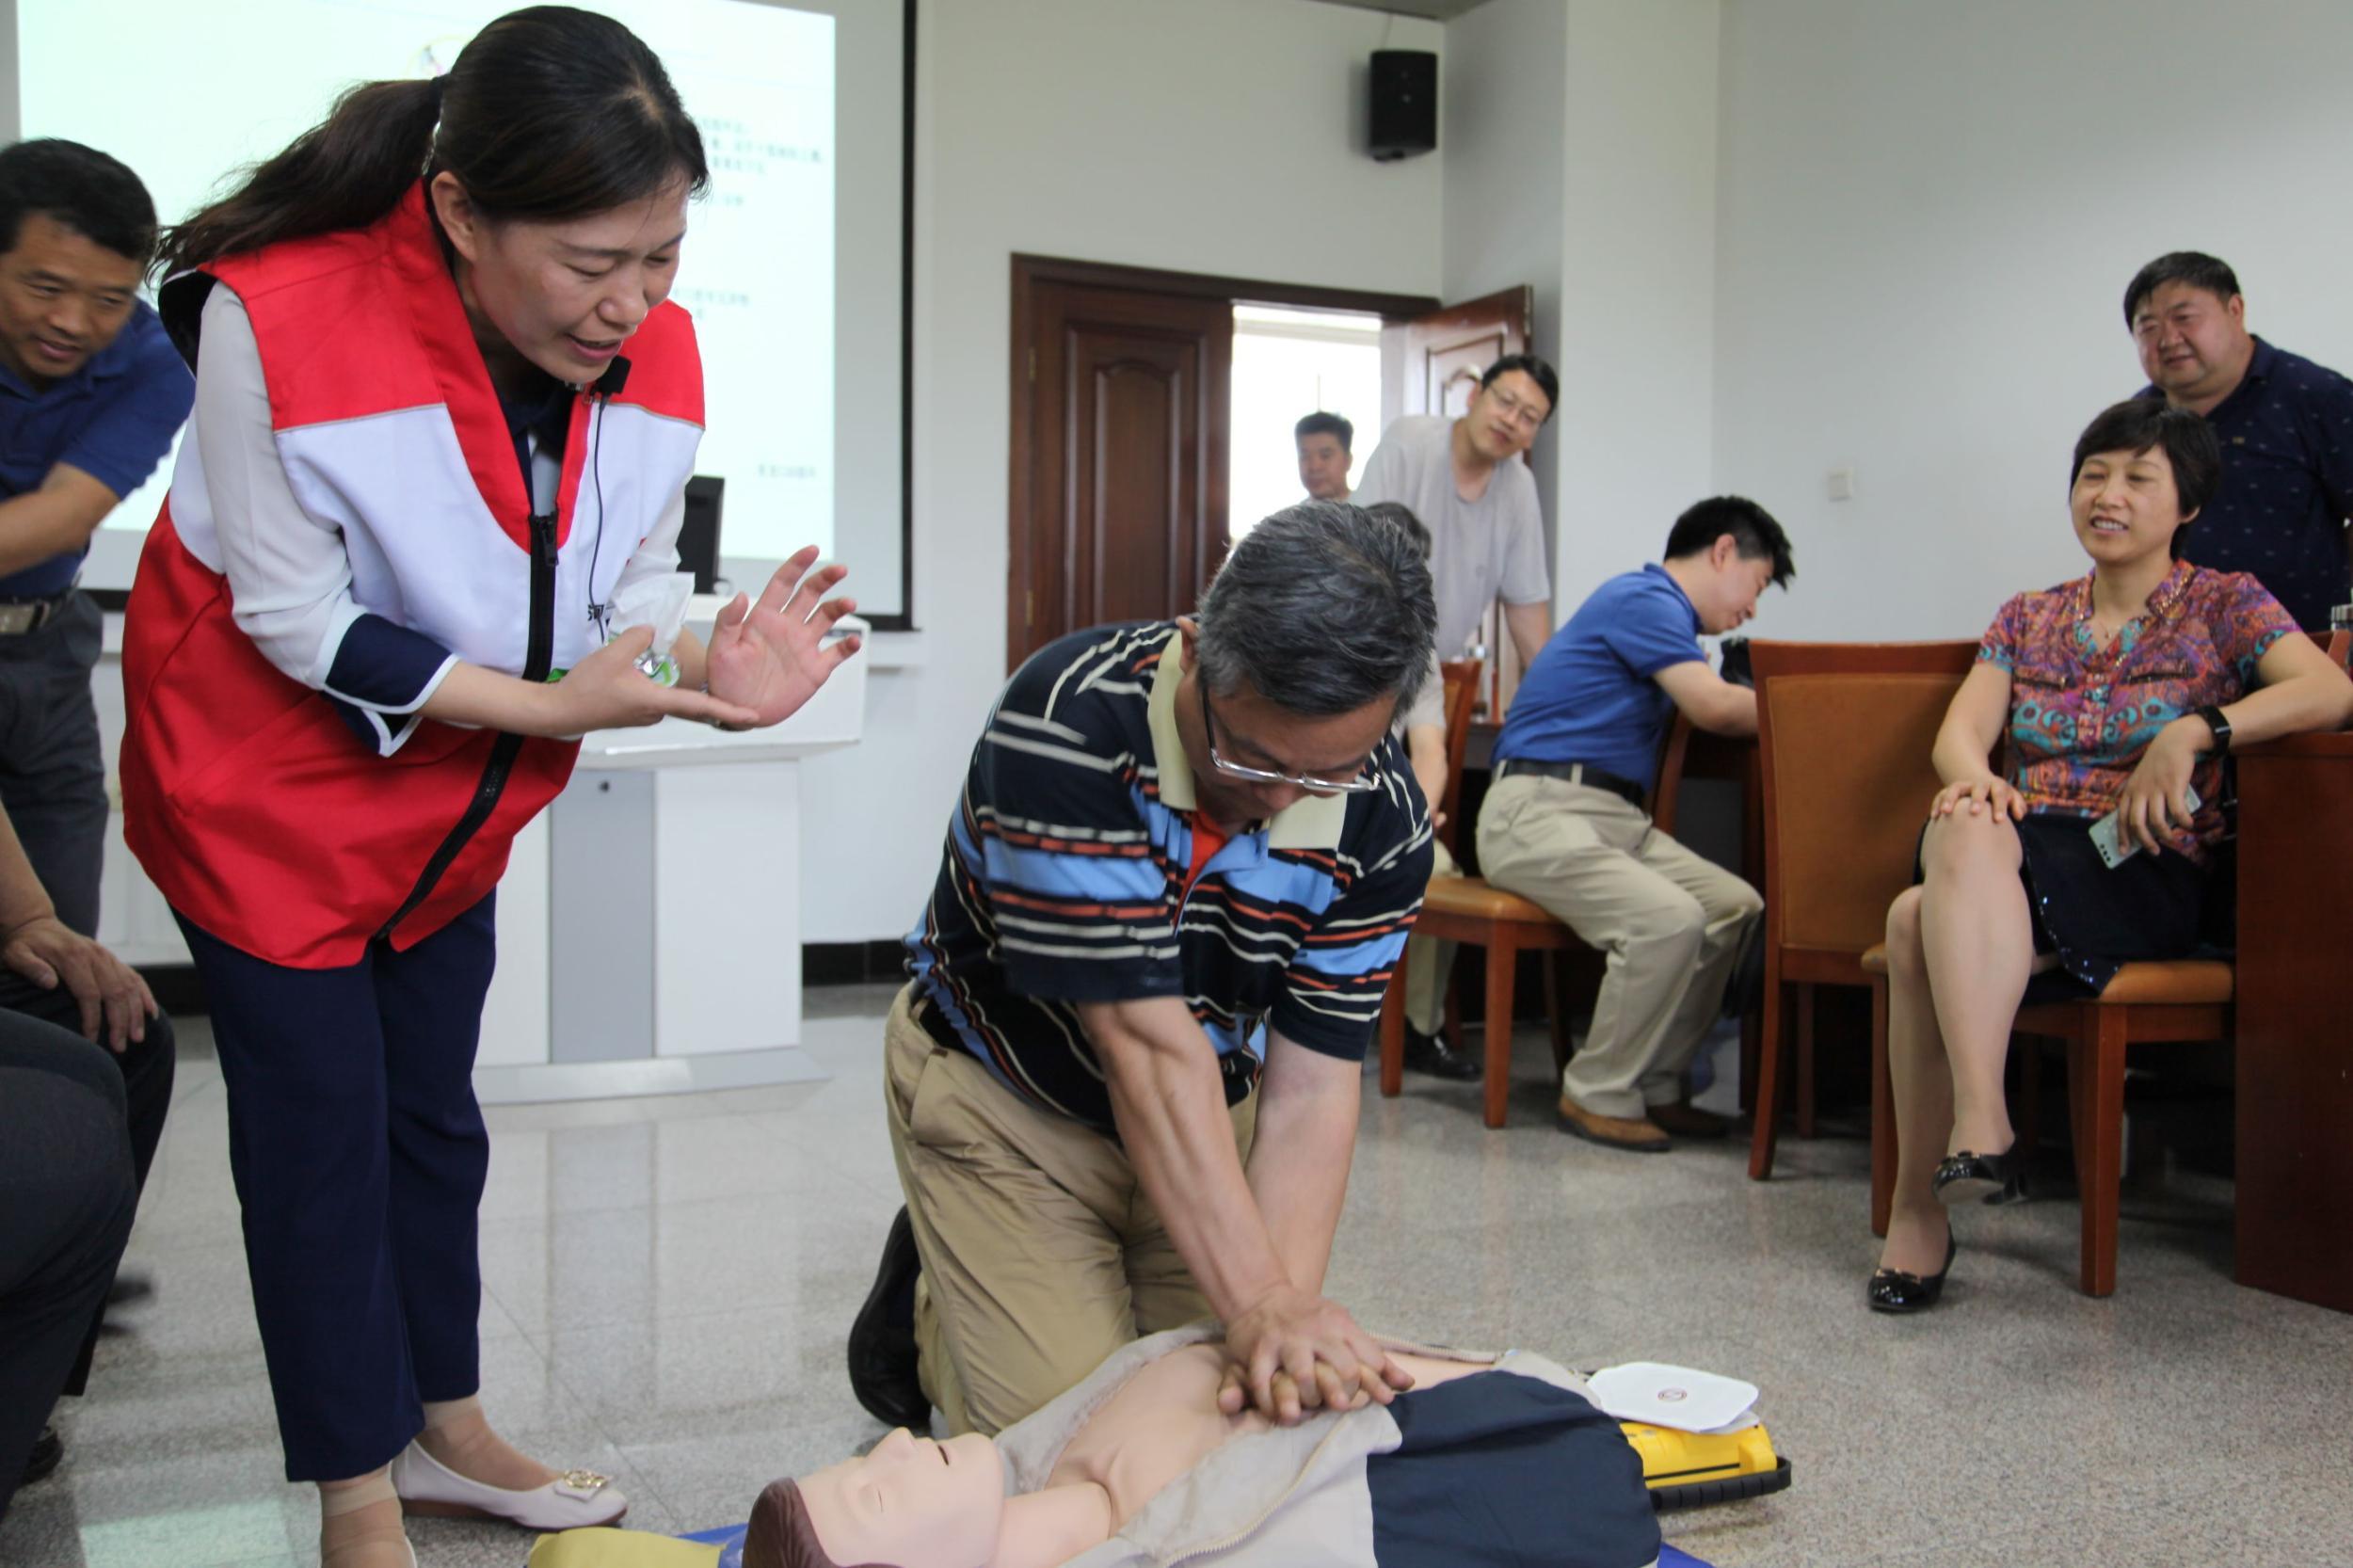 省红十字会应急救护培训首次走进省委党校